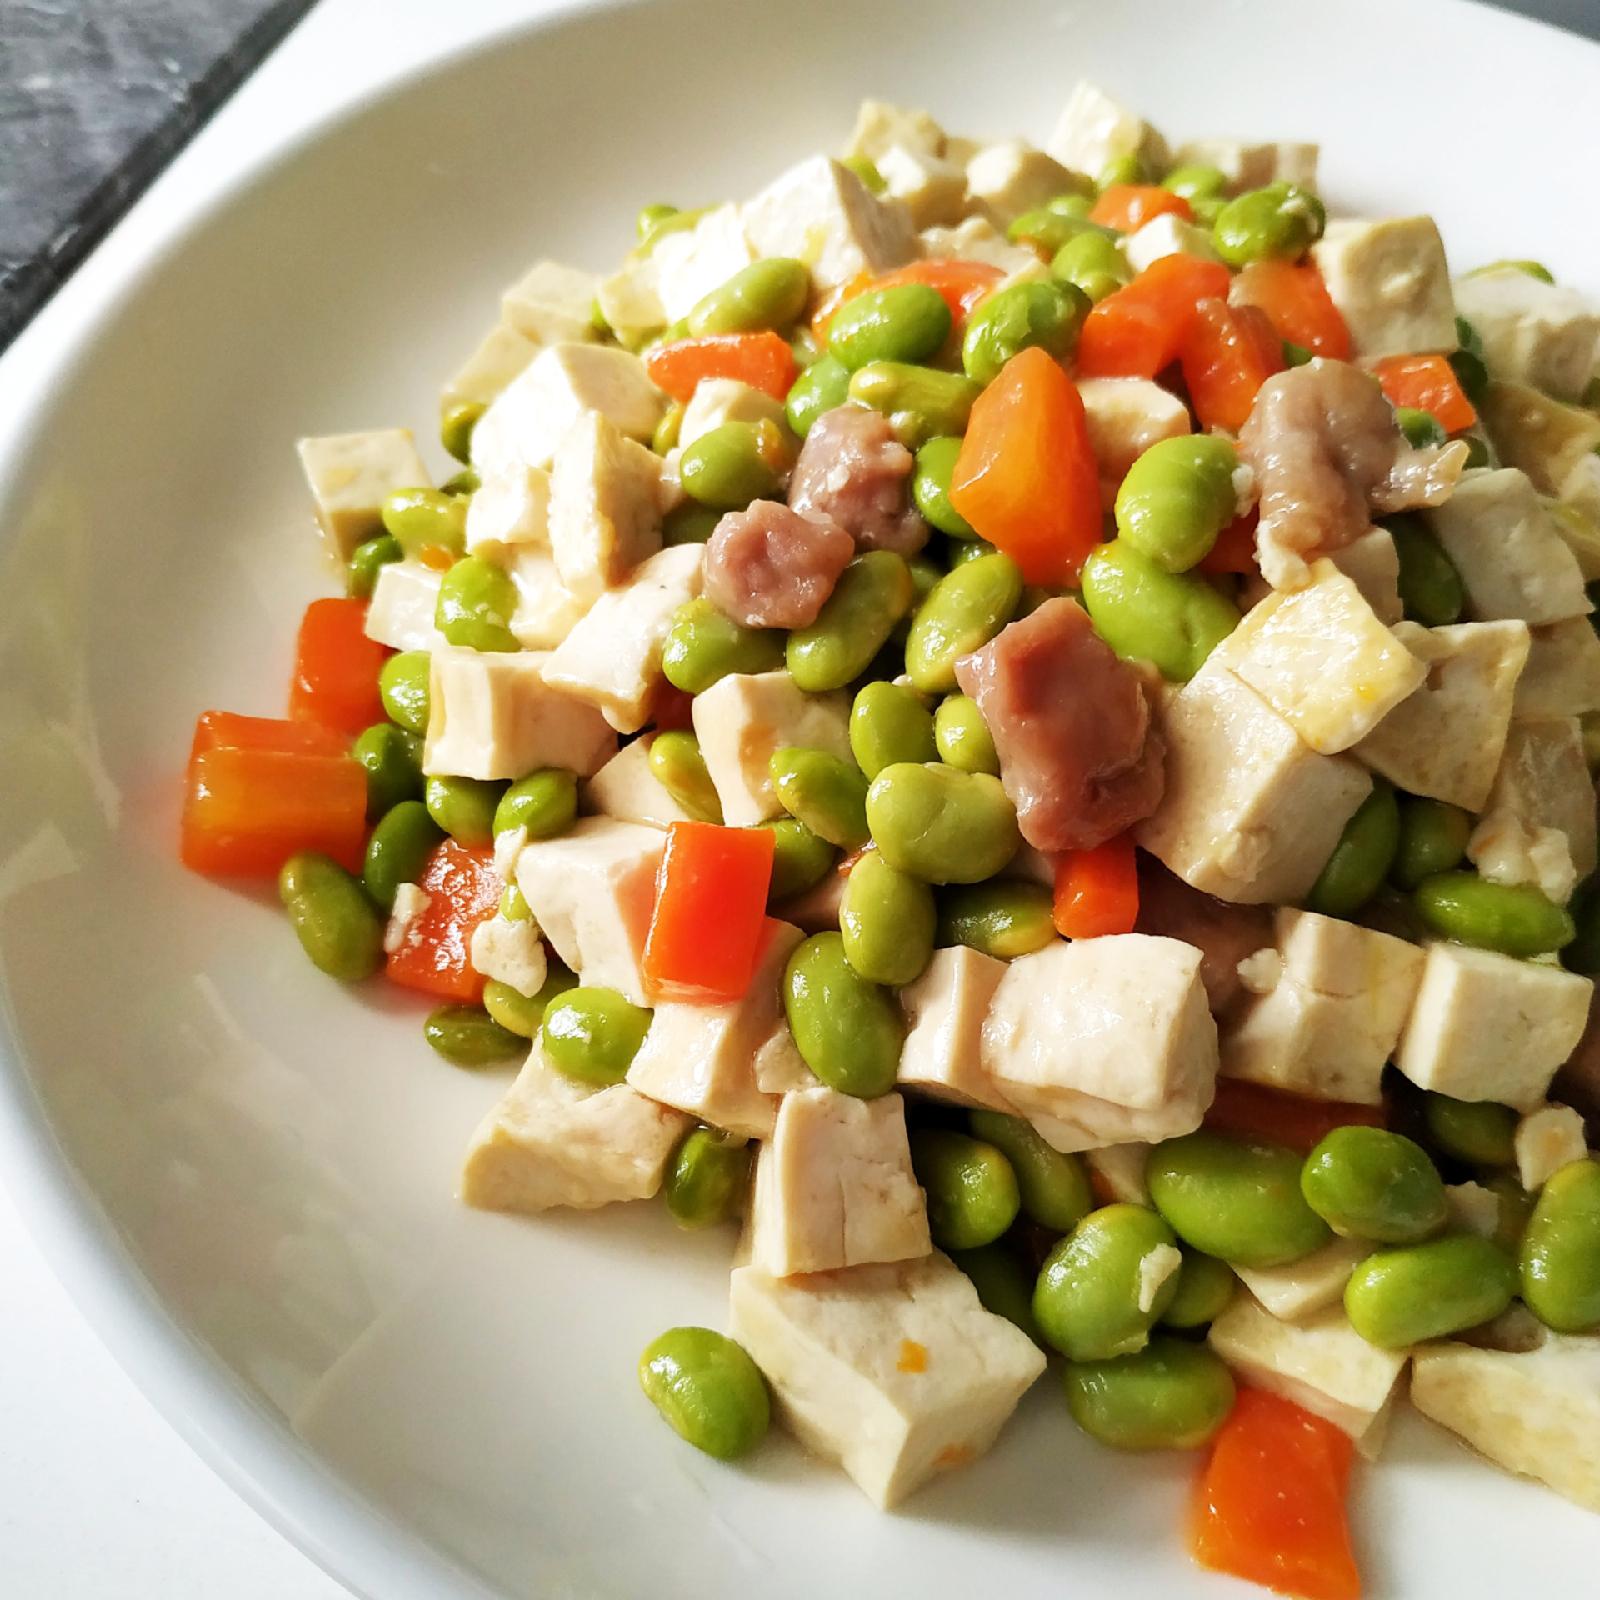 簡單家常食譜分享!超健康四色炒粒粒